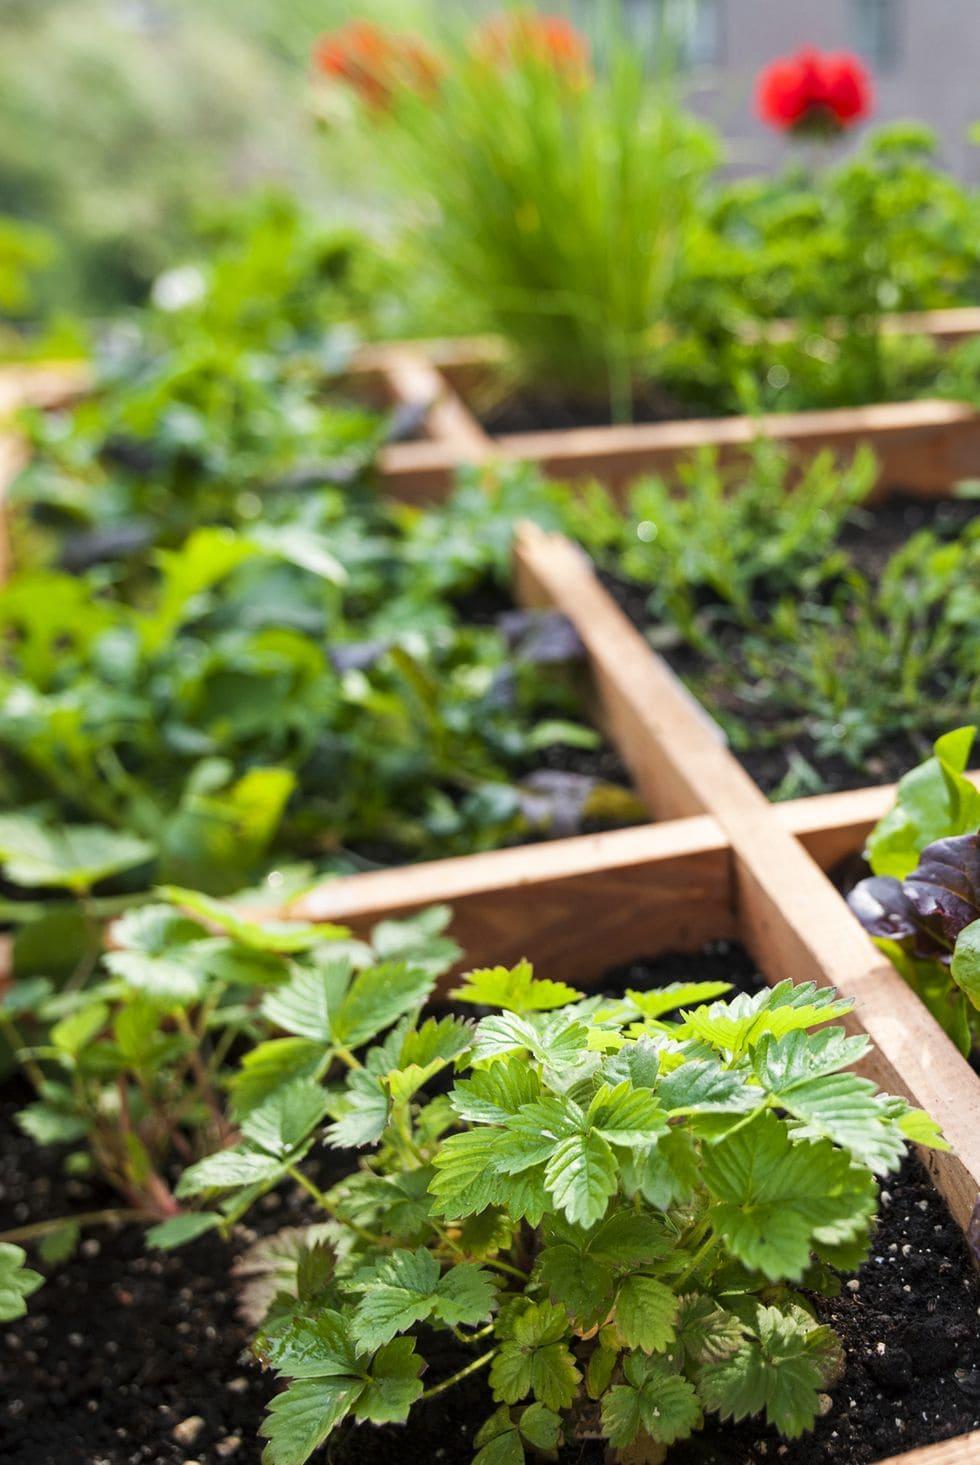 3.Simphome.com Square Foot Gardening